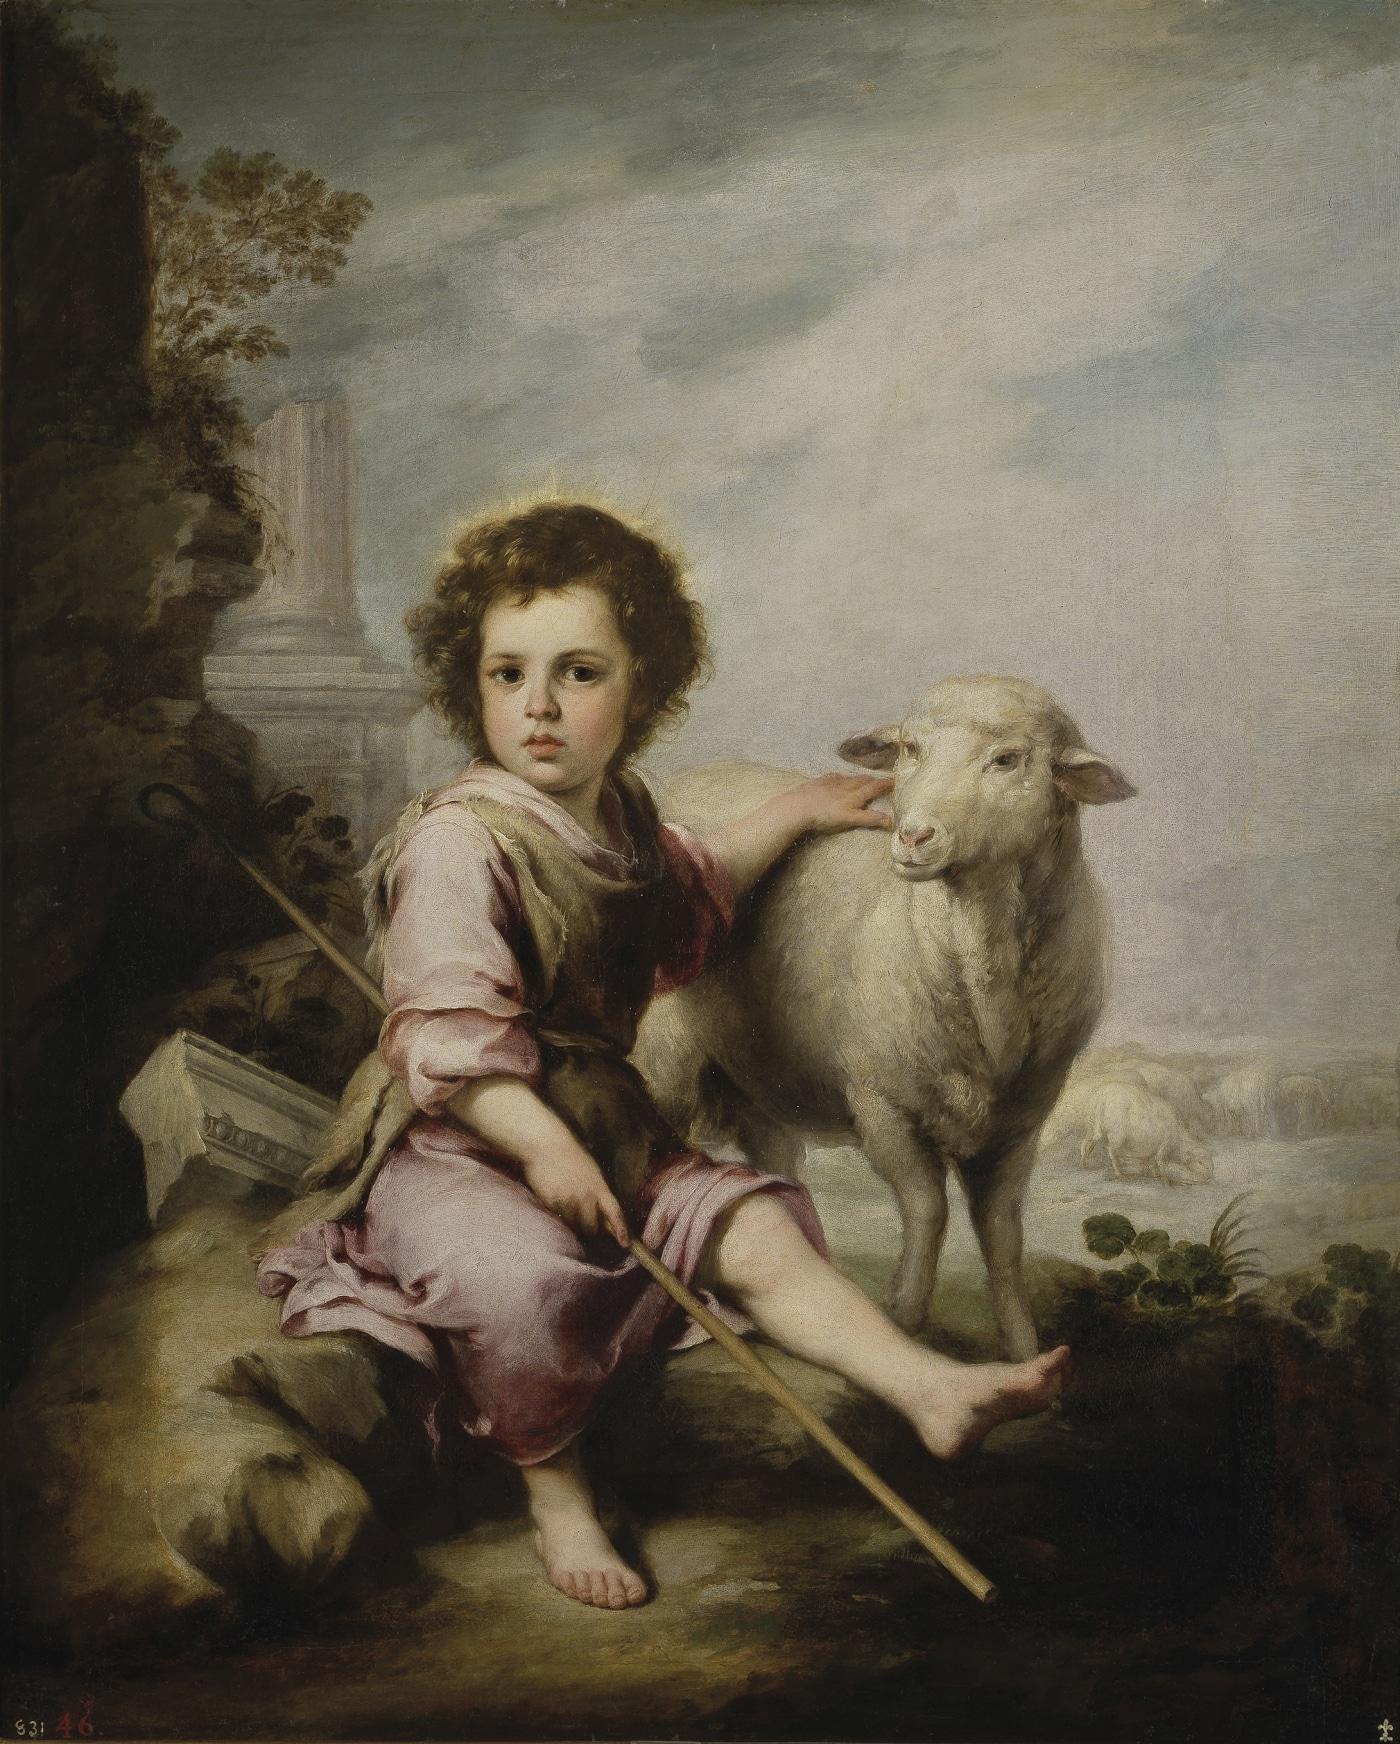 El buen pastor de Bartolomé Esteban Murillo